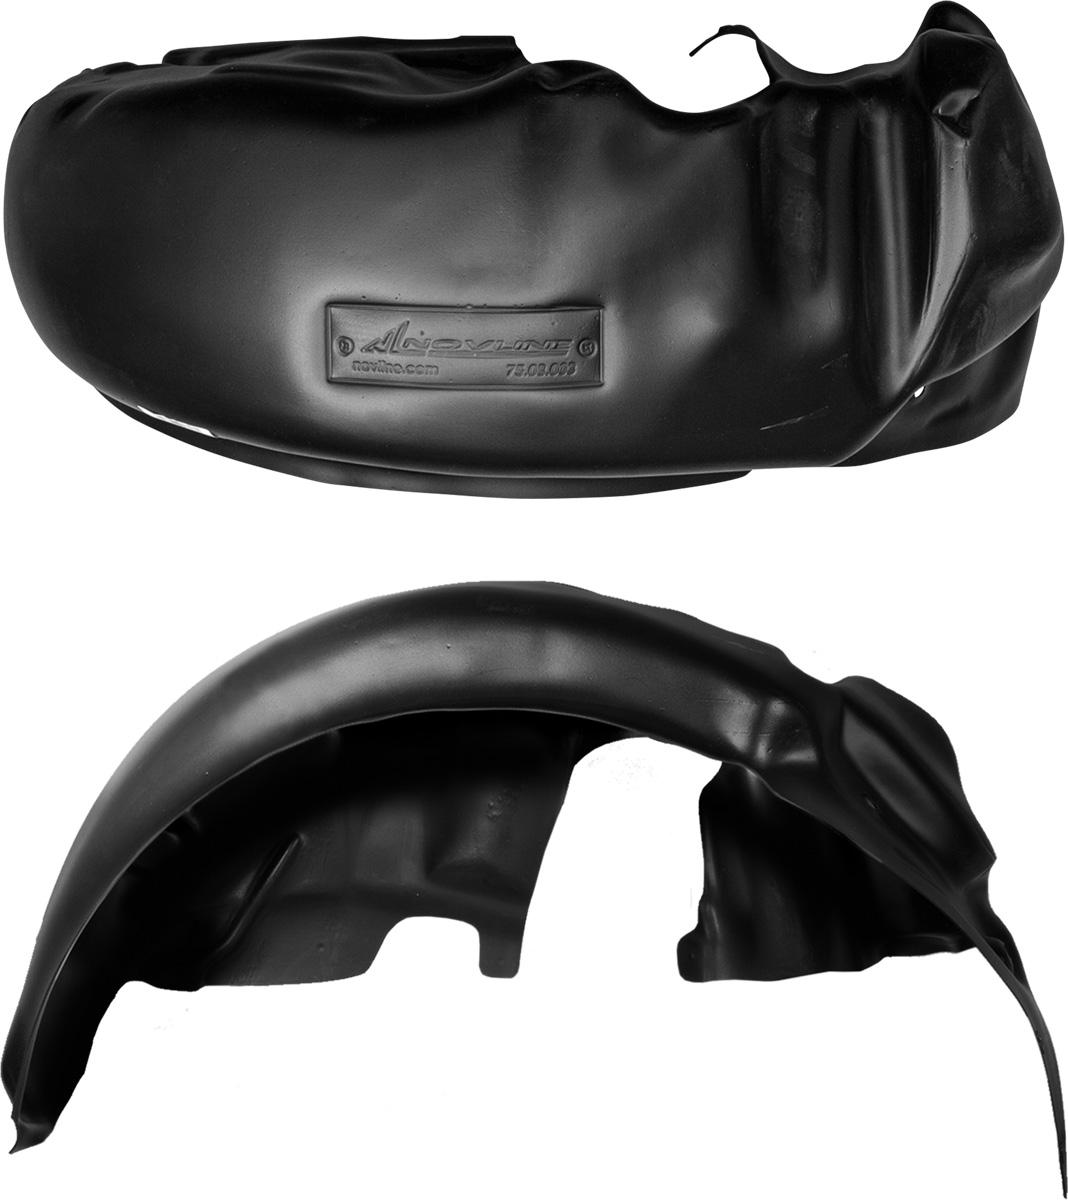 Подкрылок Novline-Autofamily, для Great Wall Hover H5, 2010->, передний левый80621Колесные ниши - одни из самых уязвимых зон днища вашего автомобиля. Они постоянно подвергаются воздействию со стороны дороги. Лучшая, почти абсолютная защита для них - специально отформованные пластиковые кожухи, которые называются подкрылками. Производятся они как для отечественных моделей автомобилей, так и для иномарок. Подкрылки Novline-Autofamily выполнены из высококачественного, экологически чистого пластика. Обеспечивают надежную защиту кузова автомобиля от пескоструйного эффекта и негативного влияния, агрессивных антигололедных реагентов. Пластик обладает более низкой теплопроводностью, чем металл, поэтому в зимний период эксплуатации использование пластиковых подкрылков позволяет лучше защитить колесные ниши от налипания снега и образования наледи. Оригинальность конструкции подчеркивает элегантность автомобиля, бережно защищает нанесенное на днище кузова антикоррозийное покрытие и позволяет осуществить крепление подкрылков внутри колесной арки практически без дополнительного крепежа и сверления, не нарушая при этом лакокрасочного покрытия, что предотвращает возникновение новых очагов коррозии. Подкрылки долговечны, обладают высокой прочностью и сохраняют заданную форму, а также все свои физико-механические характеристики в самых тяжелых климатических условиях (от -50°С до +50°С).Уважаемые клиенты!Обращаем ваше внимание, на тот факт, что подкрылок имеет форму, соответствующую модели данного автомобиля. Фото служит для визуального восприятия товара.